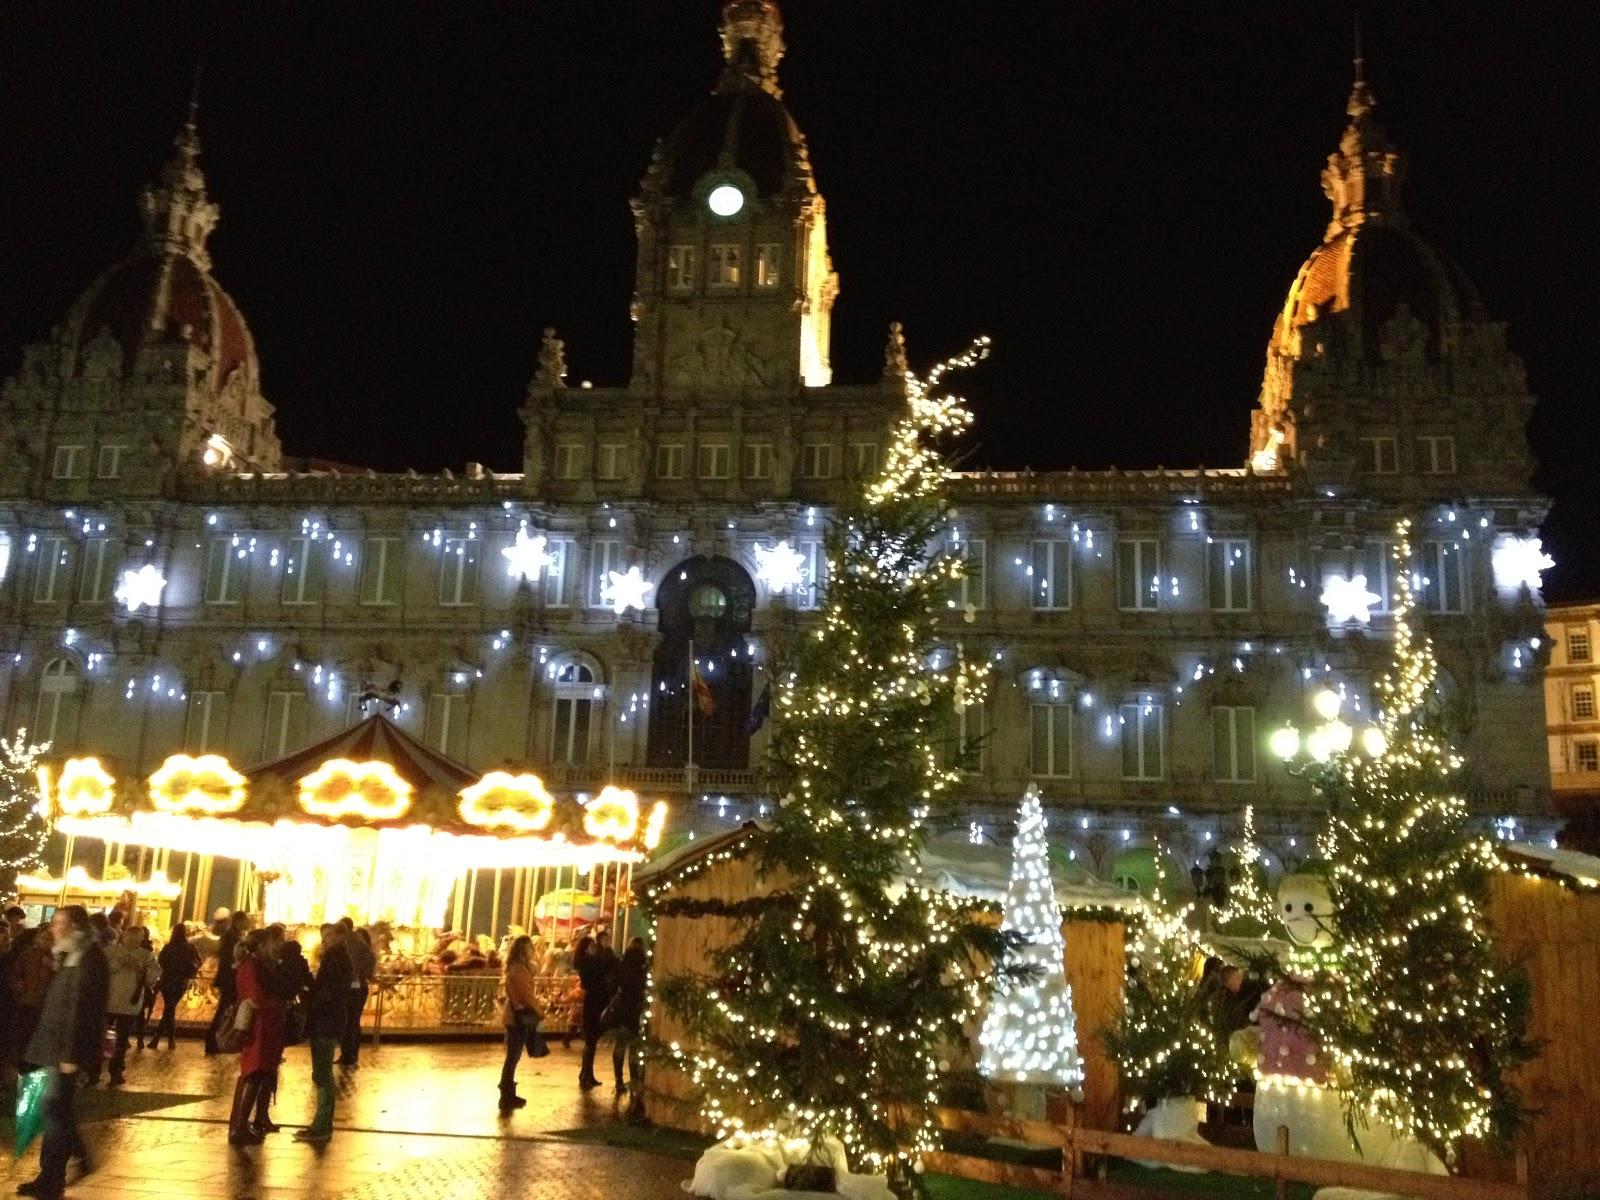 Christmas 2012 lights in galicia spain luces de navidad - Luces de navidad ...